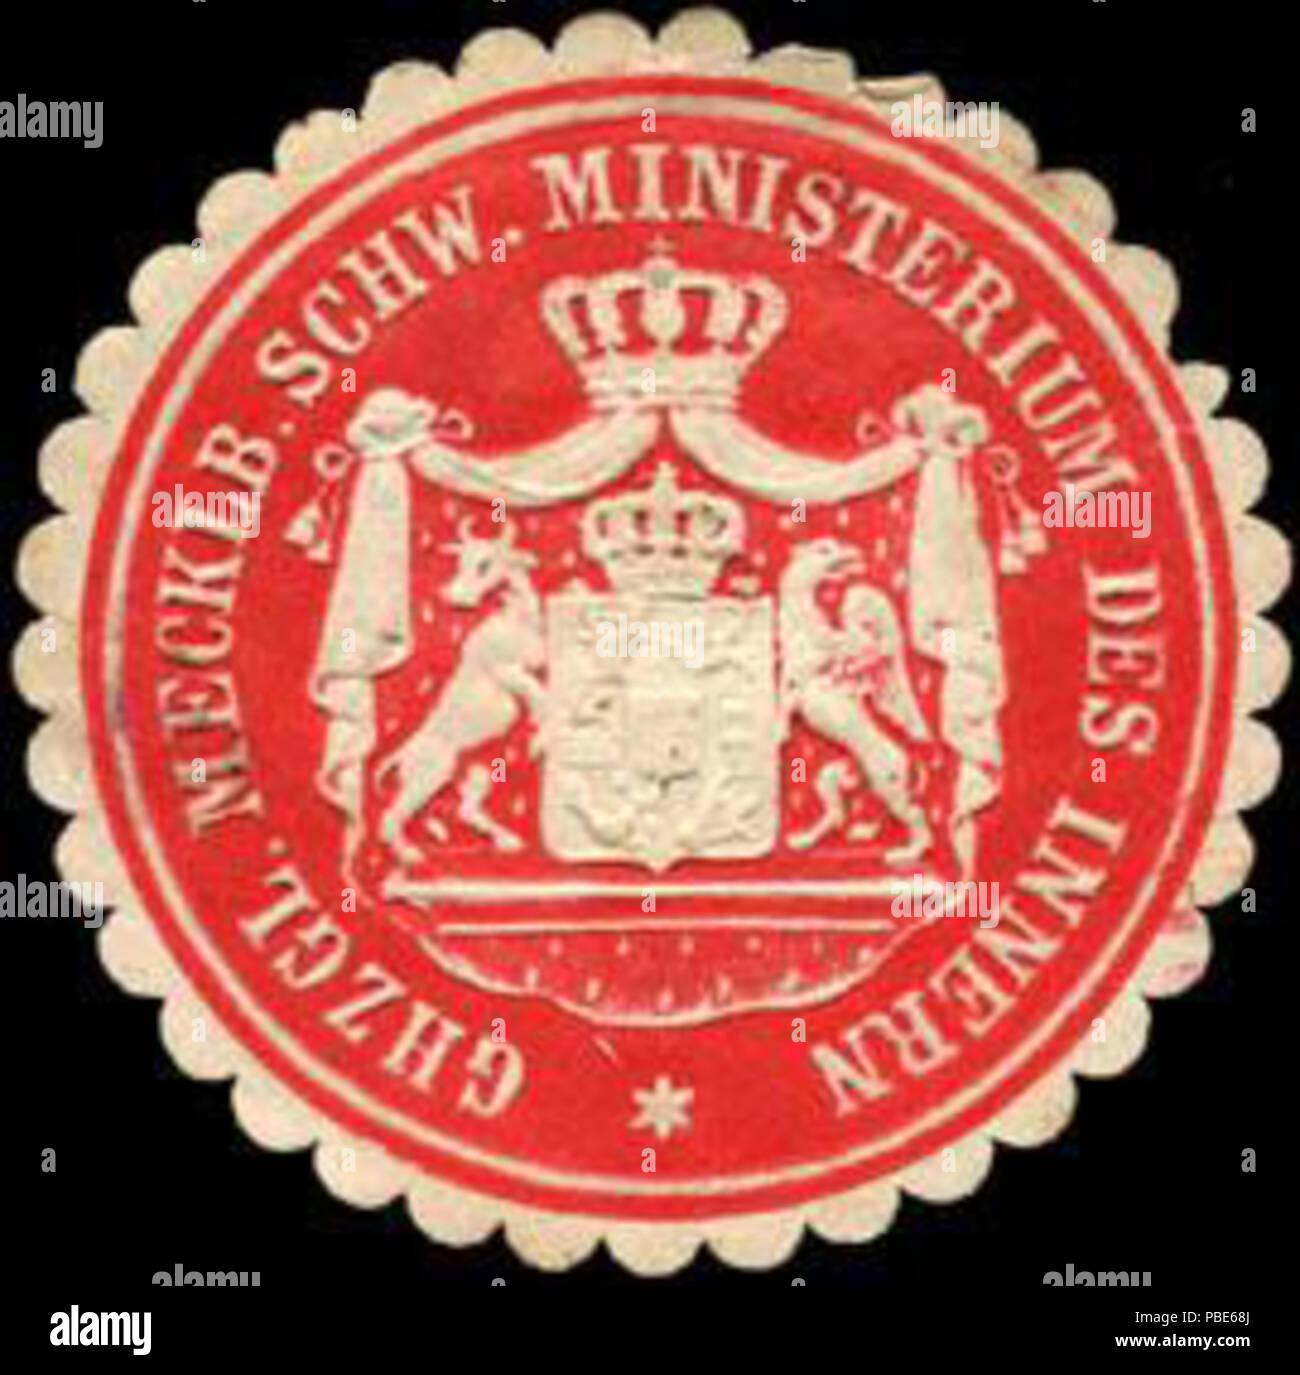 1395 Siegelmarke Grossherzoglich Mecklenburgisch Schweriner Ministerium des Innern W0204989 - Stock Image